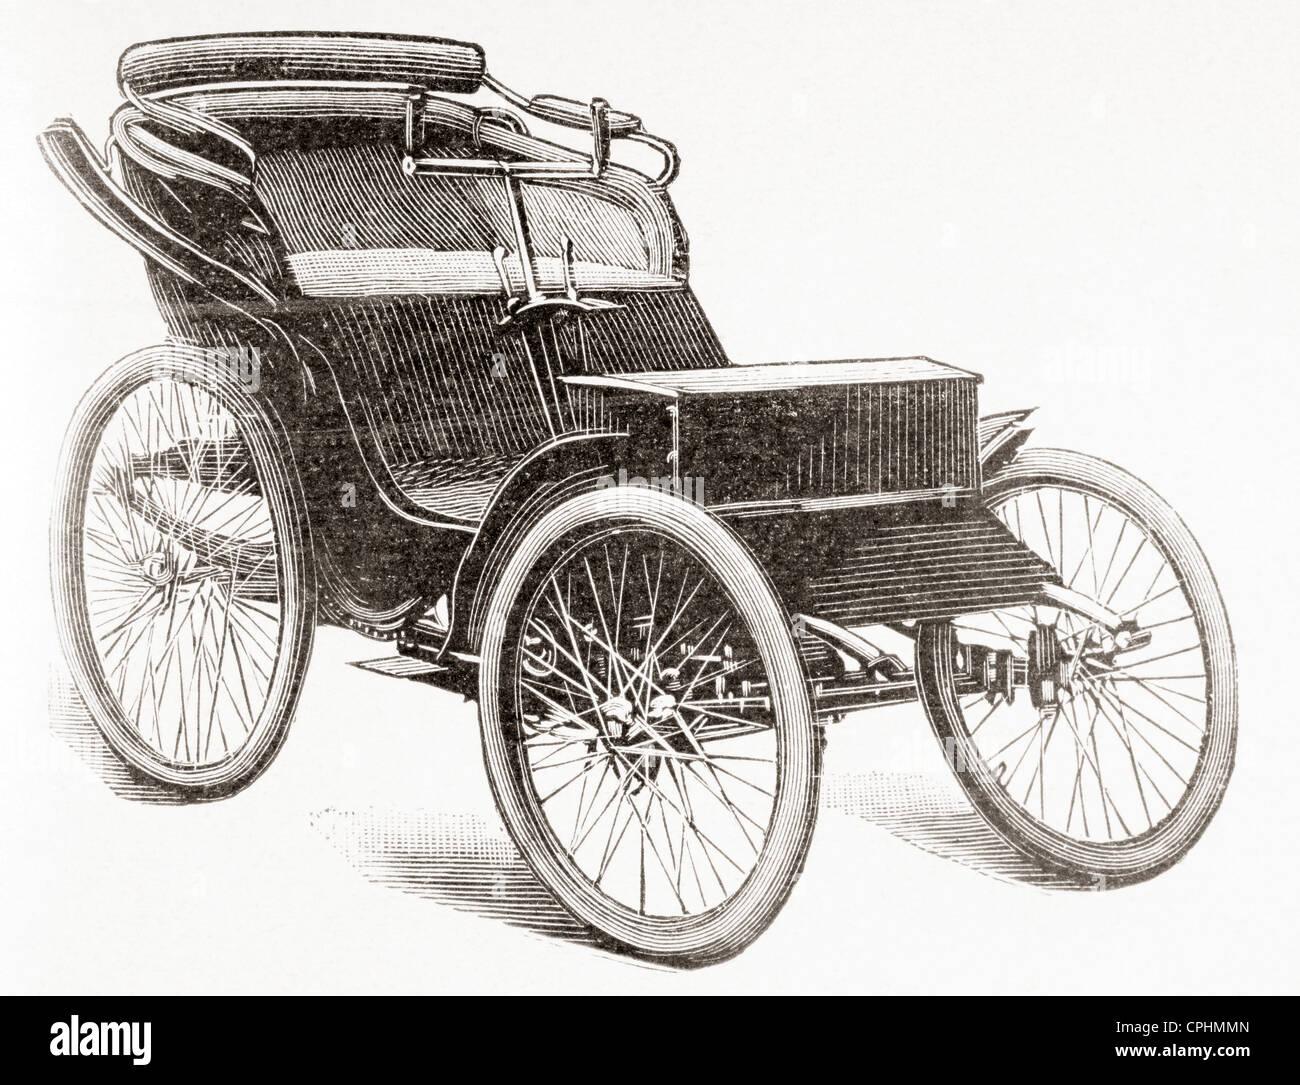 Un moteur à essence Clément voiture. Banque D'Images